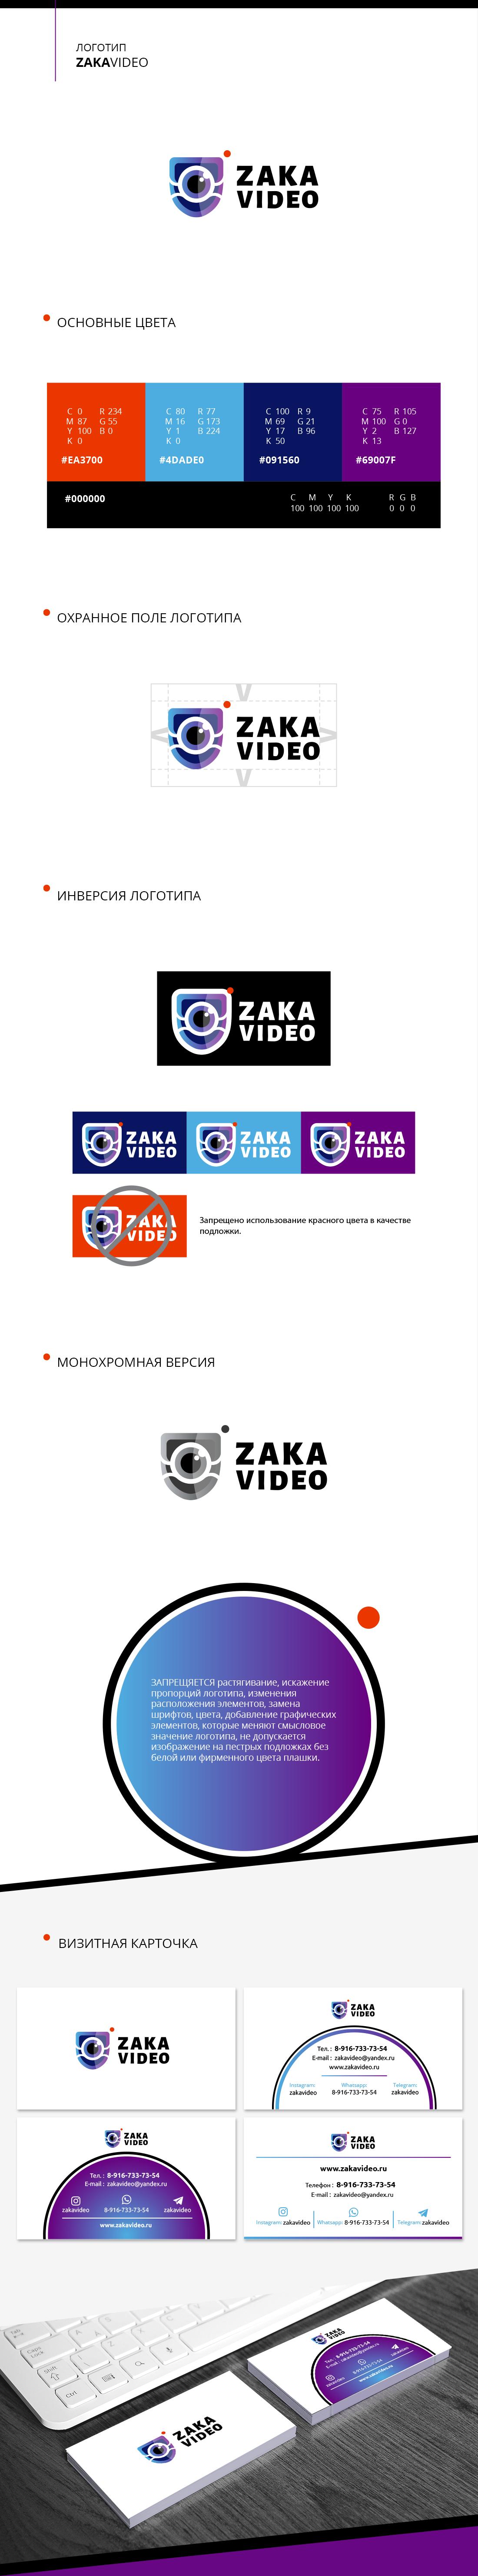 ZakaVideo - системы безопасности и контроля доступа